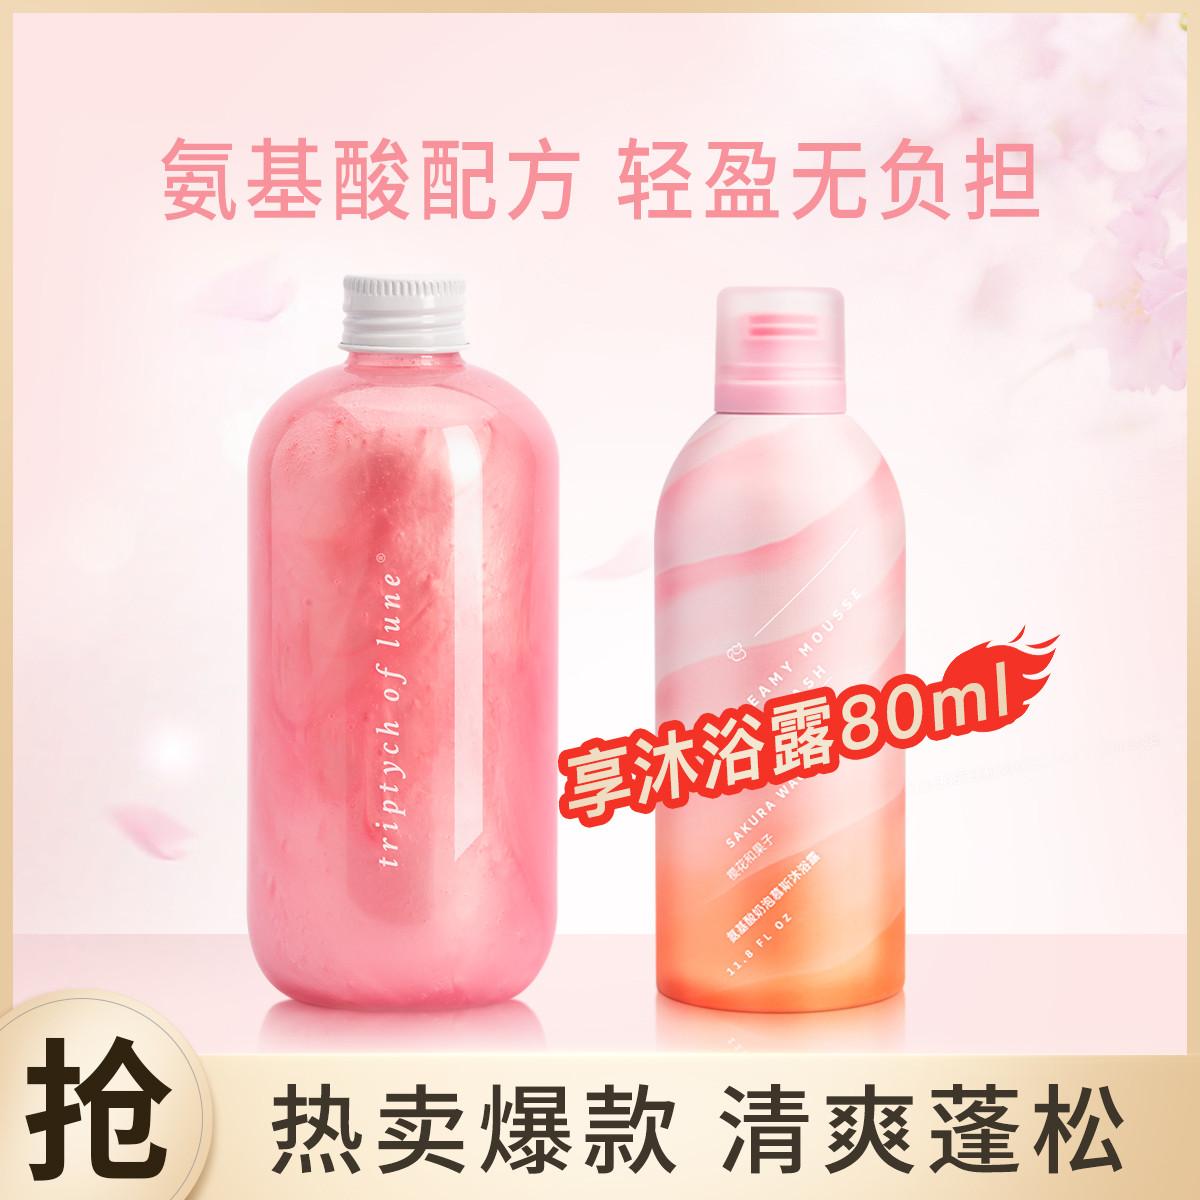 三谷樱花洗发水套装 洗发沐浴/洗发水护发素